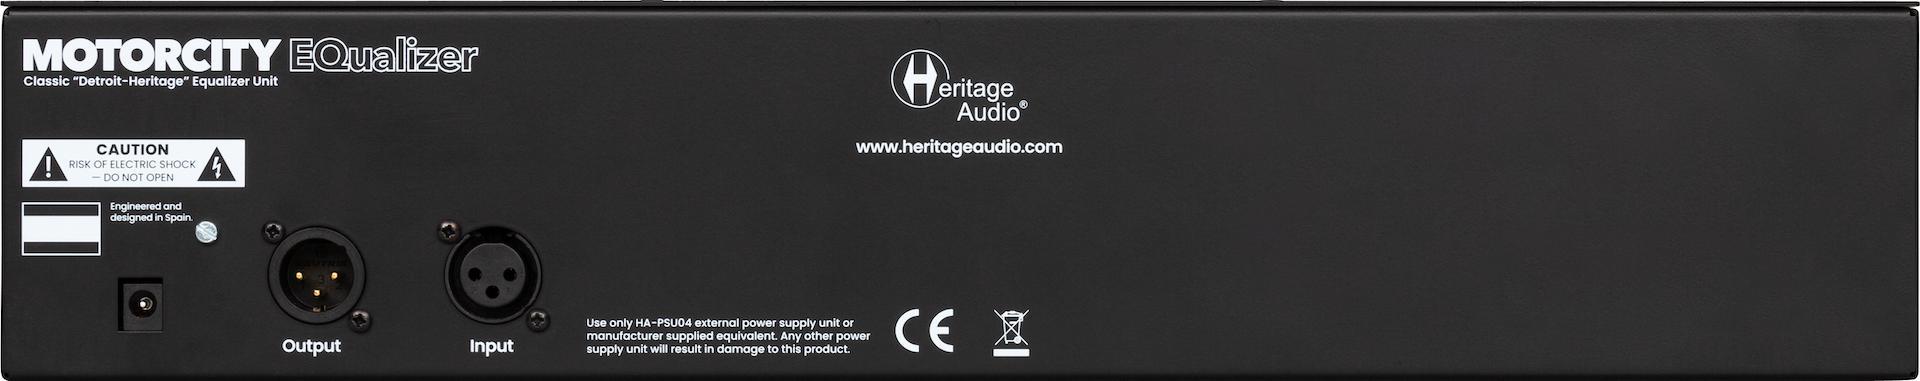 Motorcity-Equalizer-negro-v4.png.jpg